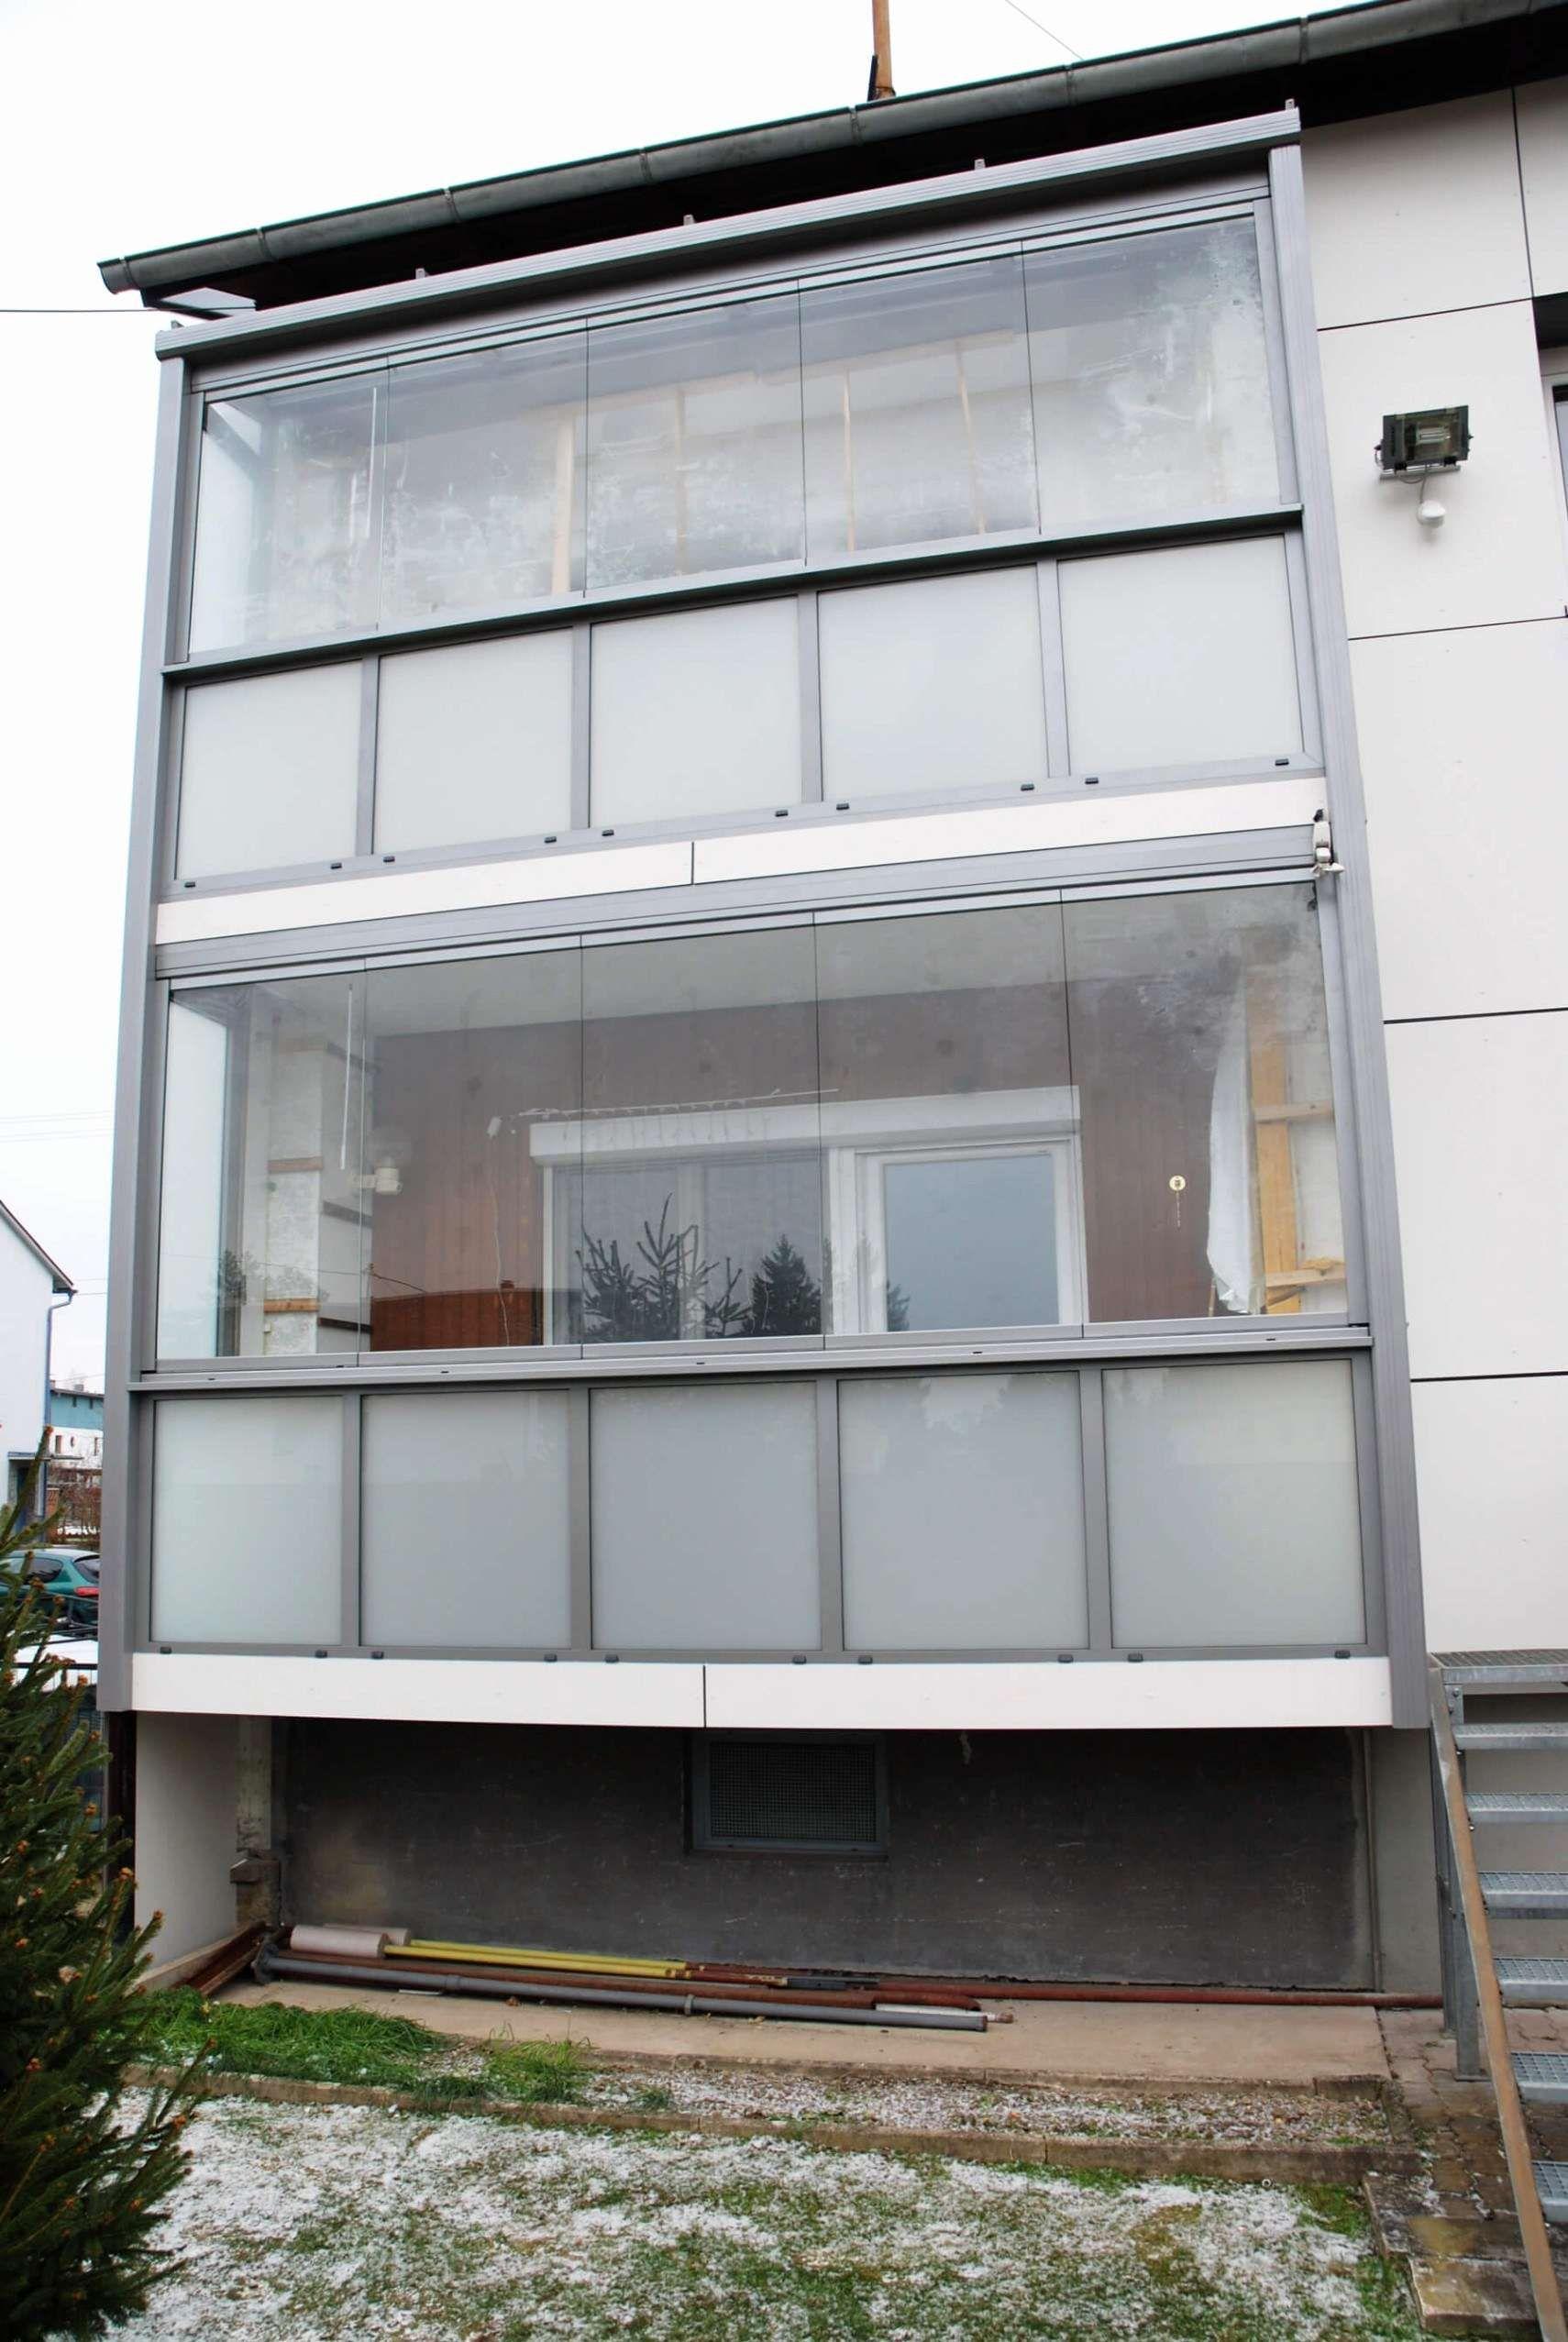 Balkon Sonnenschutz Ohne Bohren Seiten Markise Ohne Bohren Best